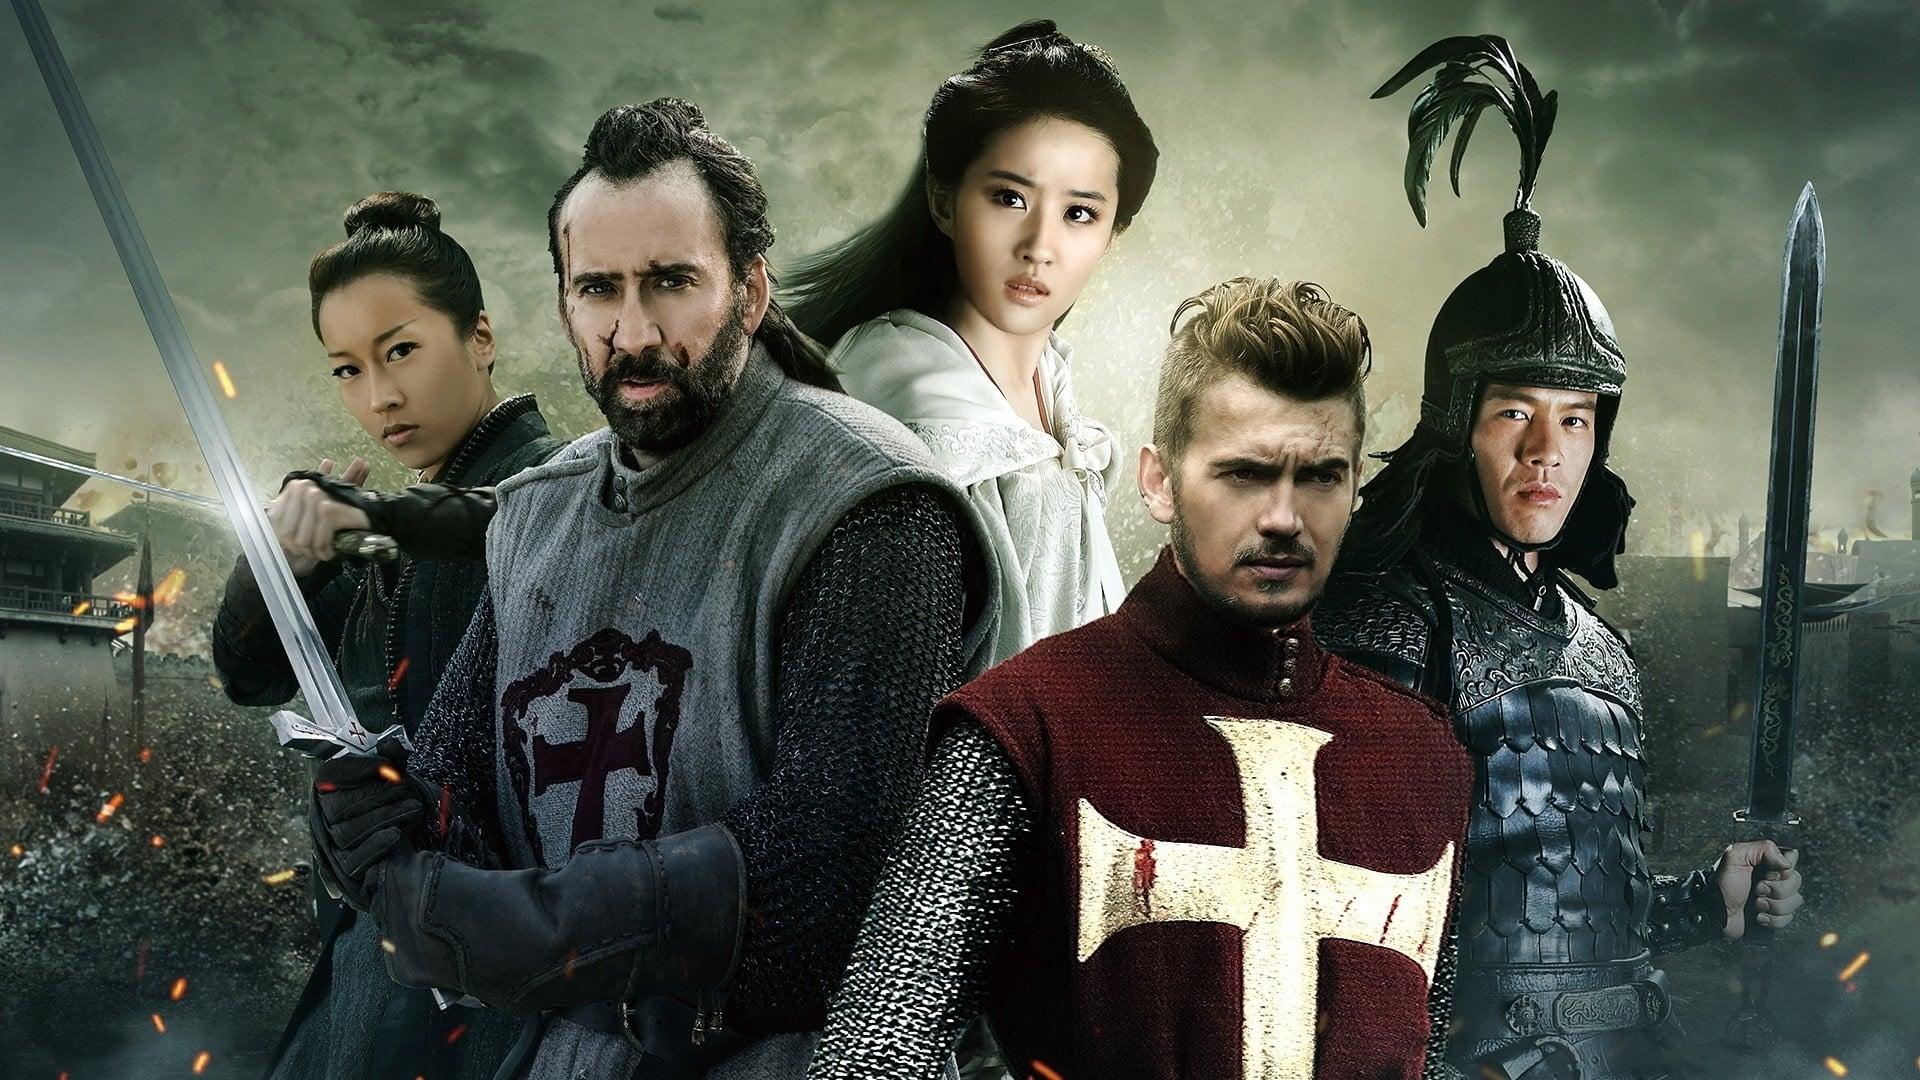 Regarder Croisades en streaming gratuit